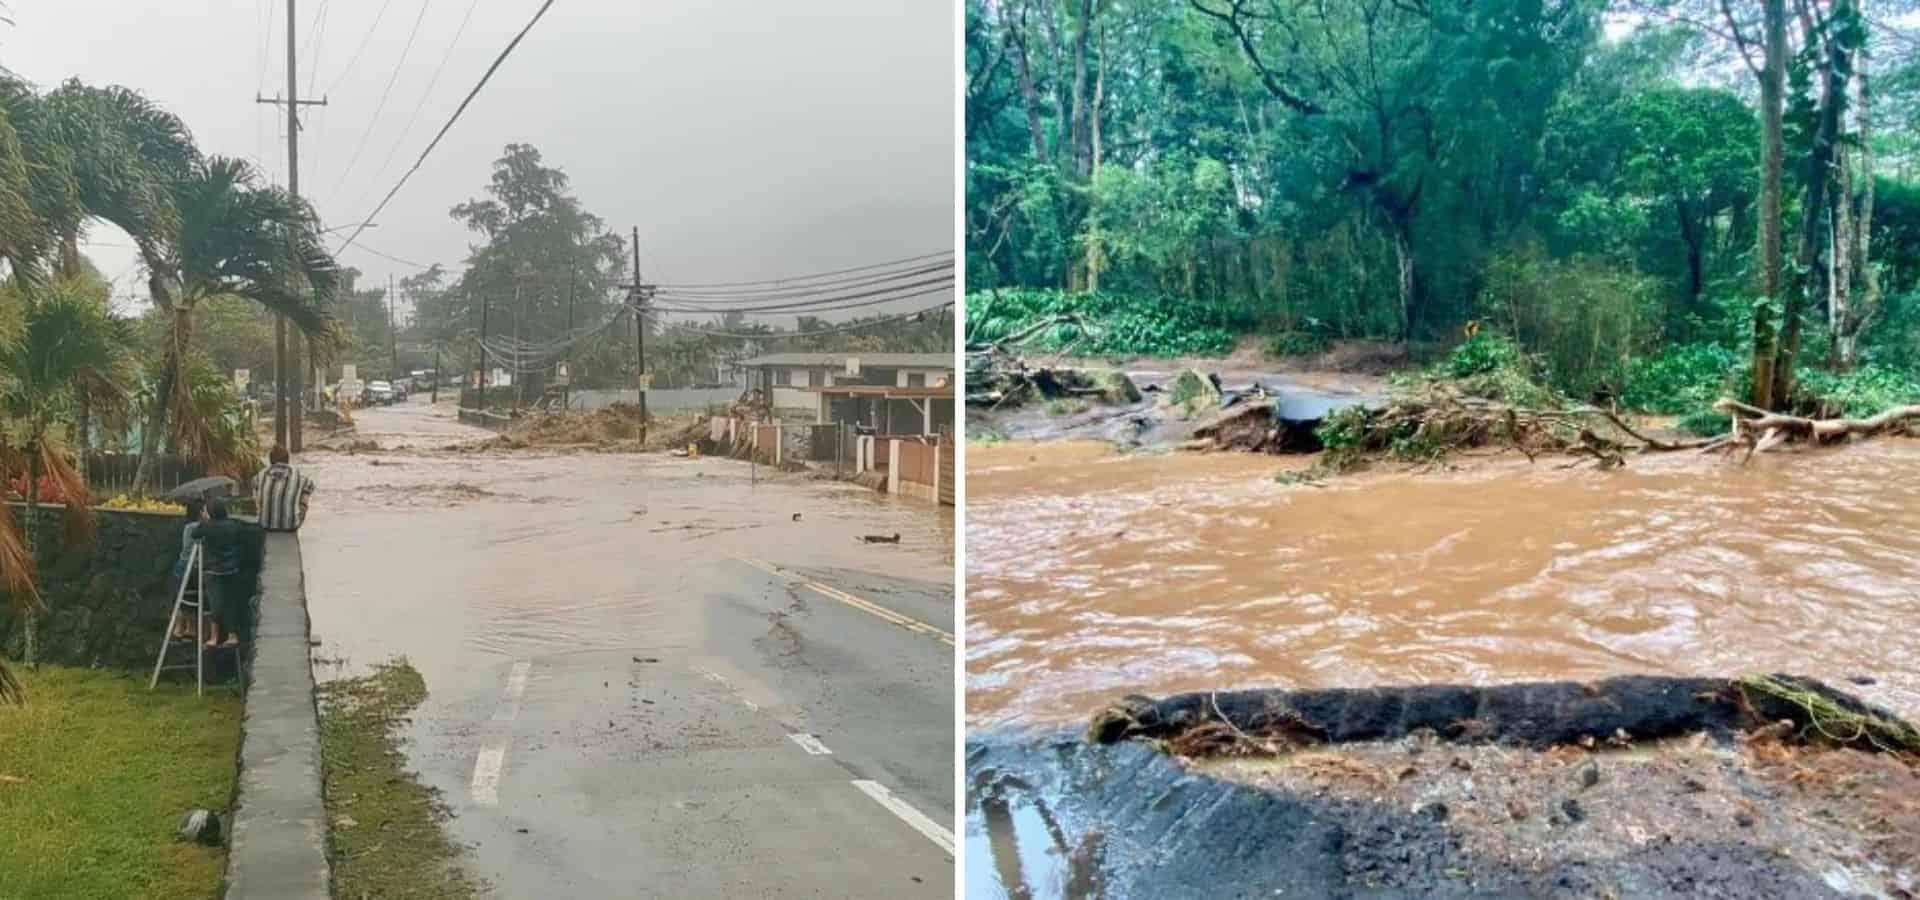 Hawái declaró el estado de emergencia luego de las fuertes inundaciones